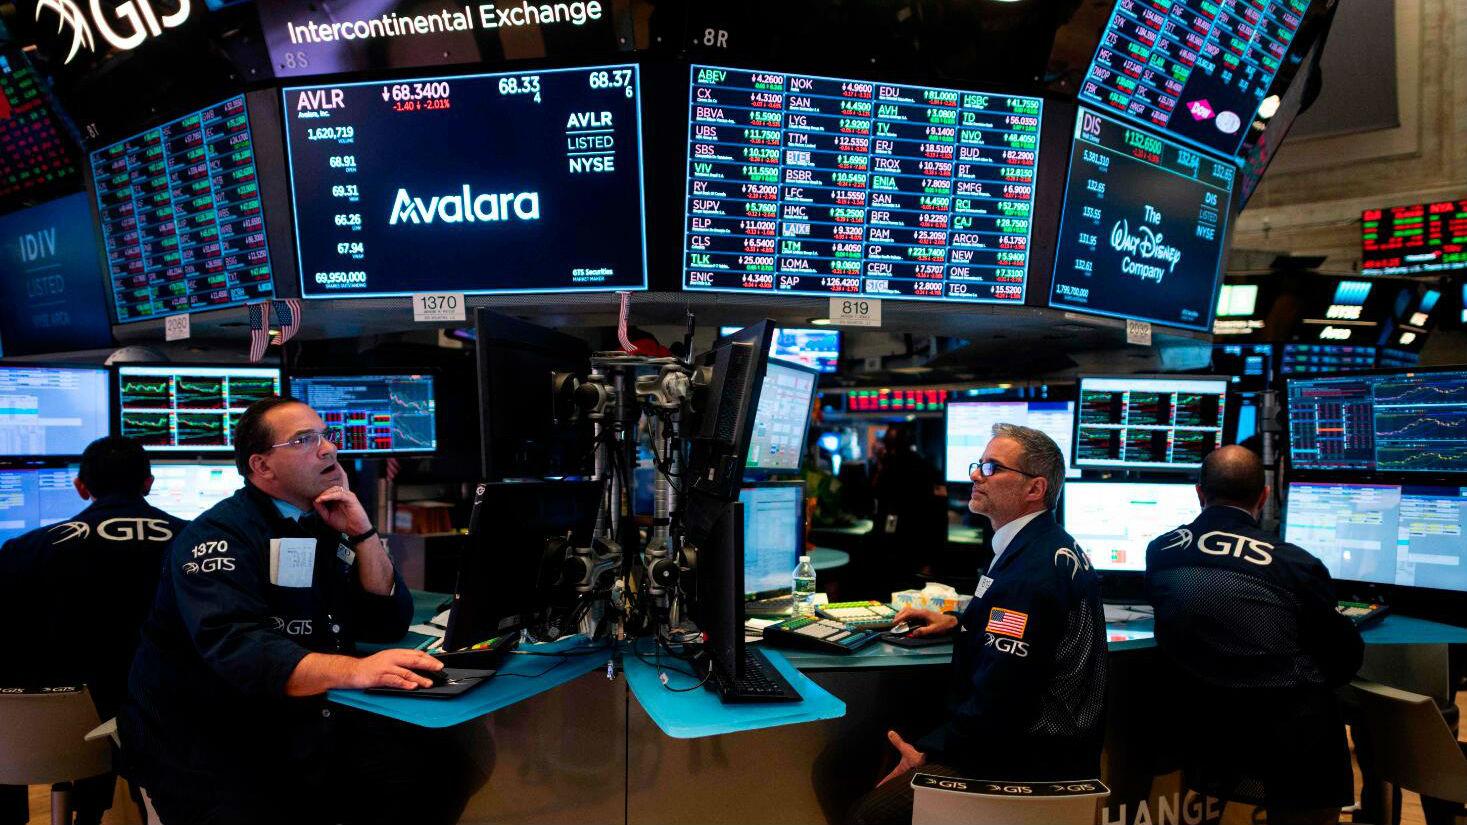 外媒:贸易战恐慌拉低全球股市